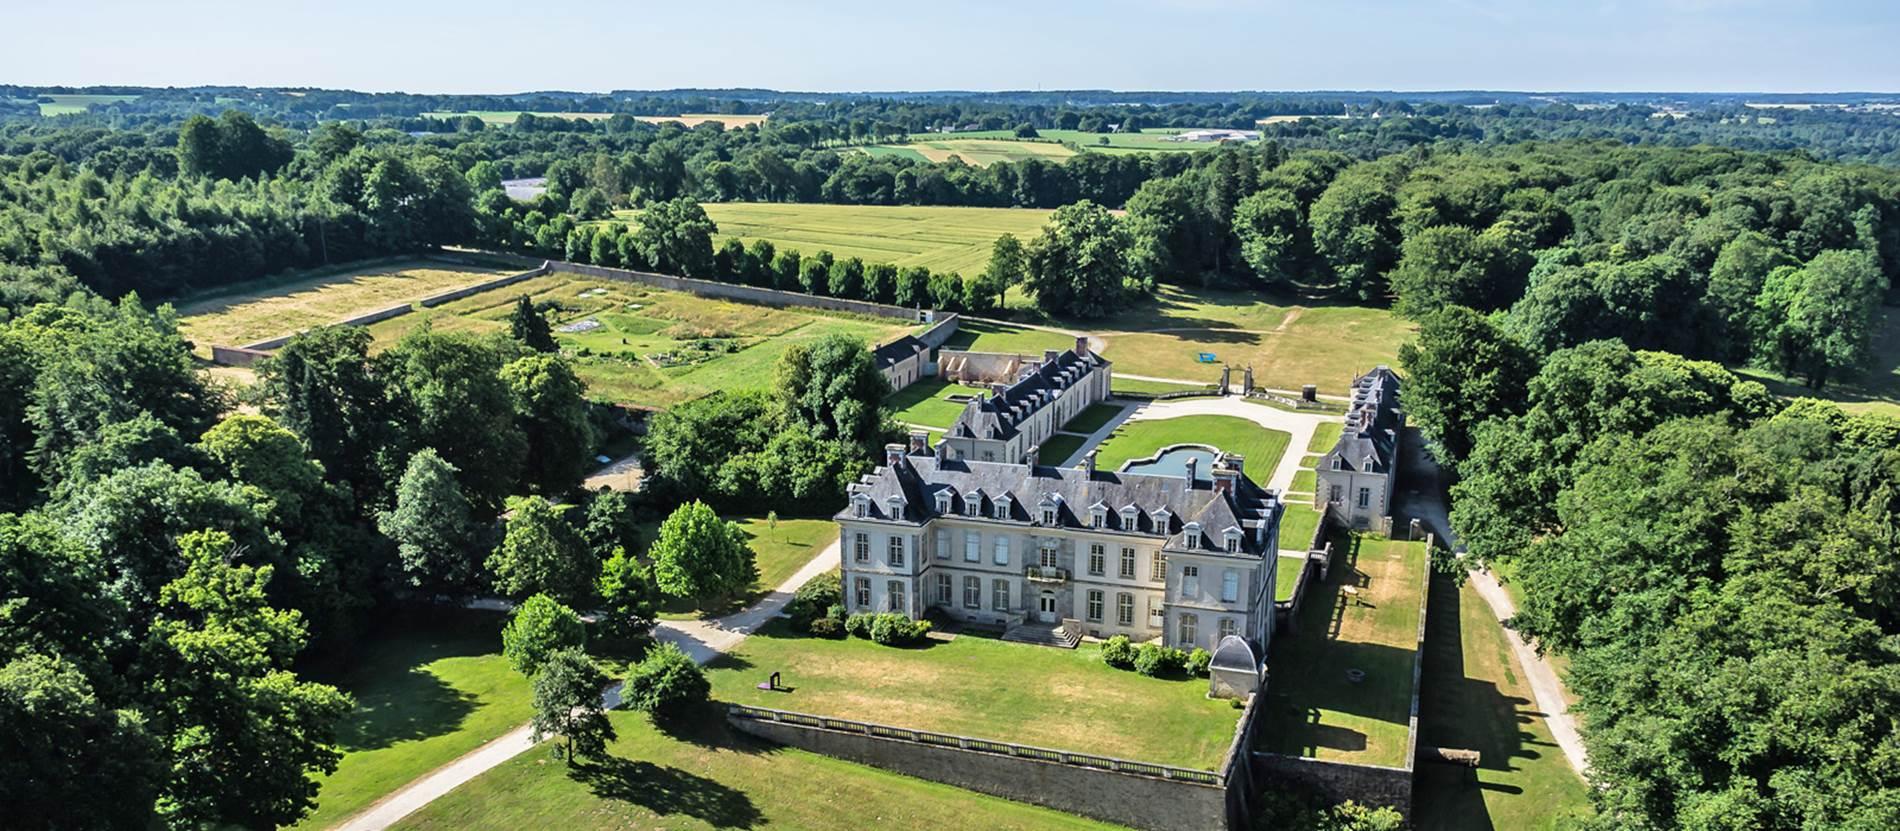 Domaine-de-Kerguehennec-Bignan-Morbihan-Bretagne-Sud © Domaine de Kerguéhennec. Photo www.abdrone.fr